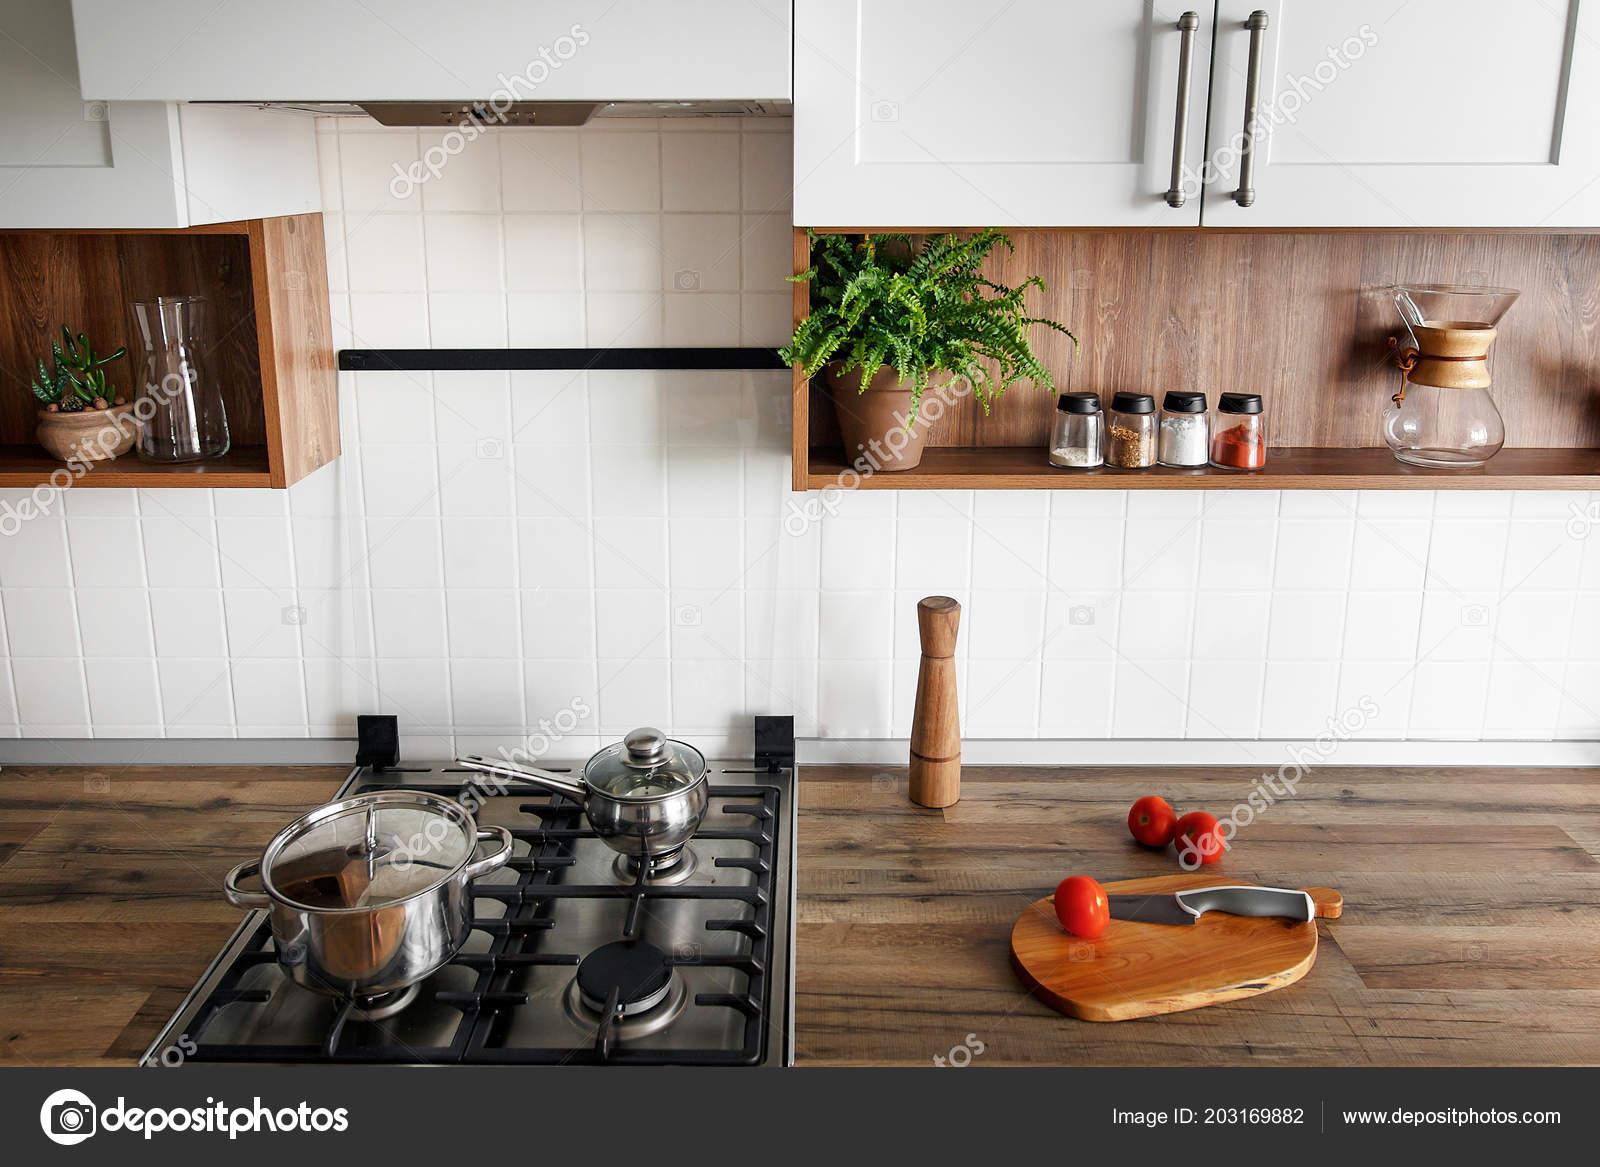 Holzbrett Mit Messer Tomaten Auf Moderne Kuchenarbeitsplatte Und